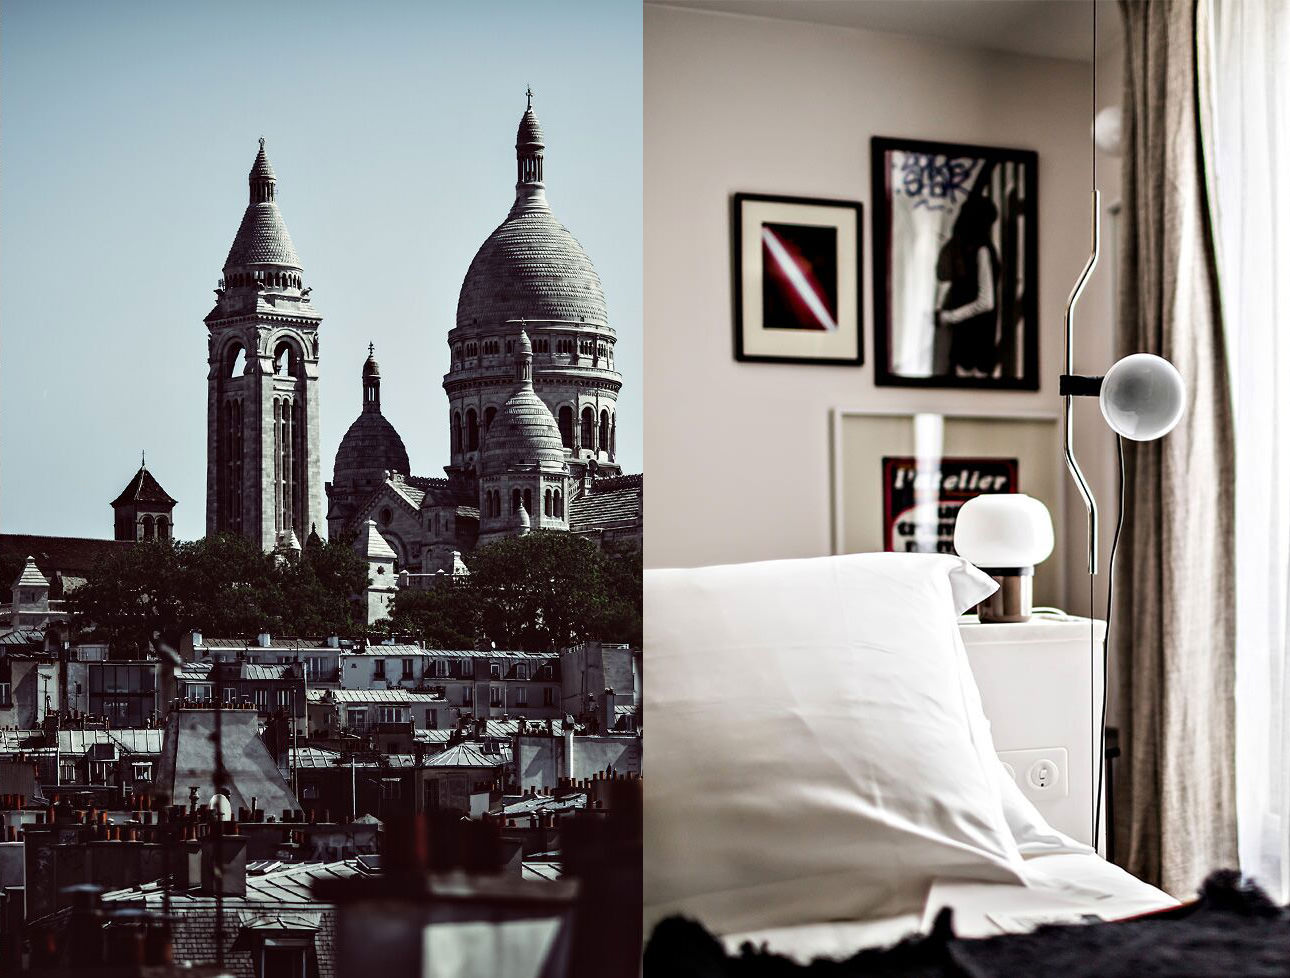 le-pigalle-hotel-paris-montmartre-sacre-coeur